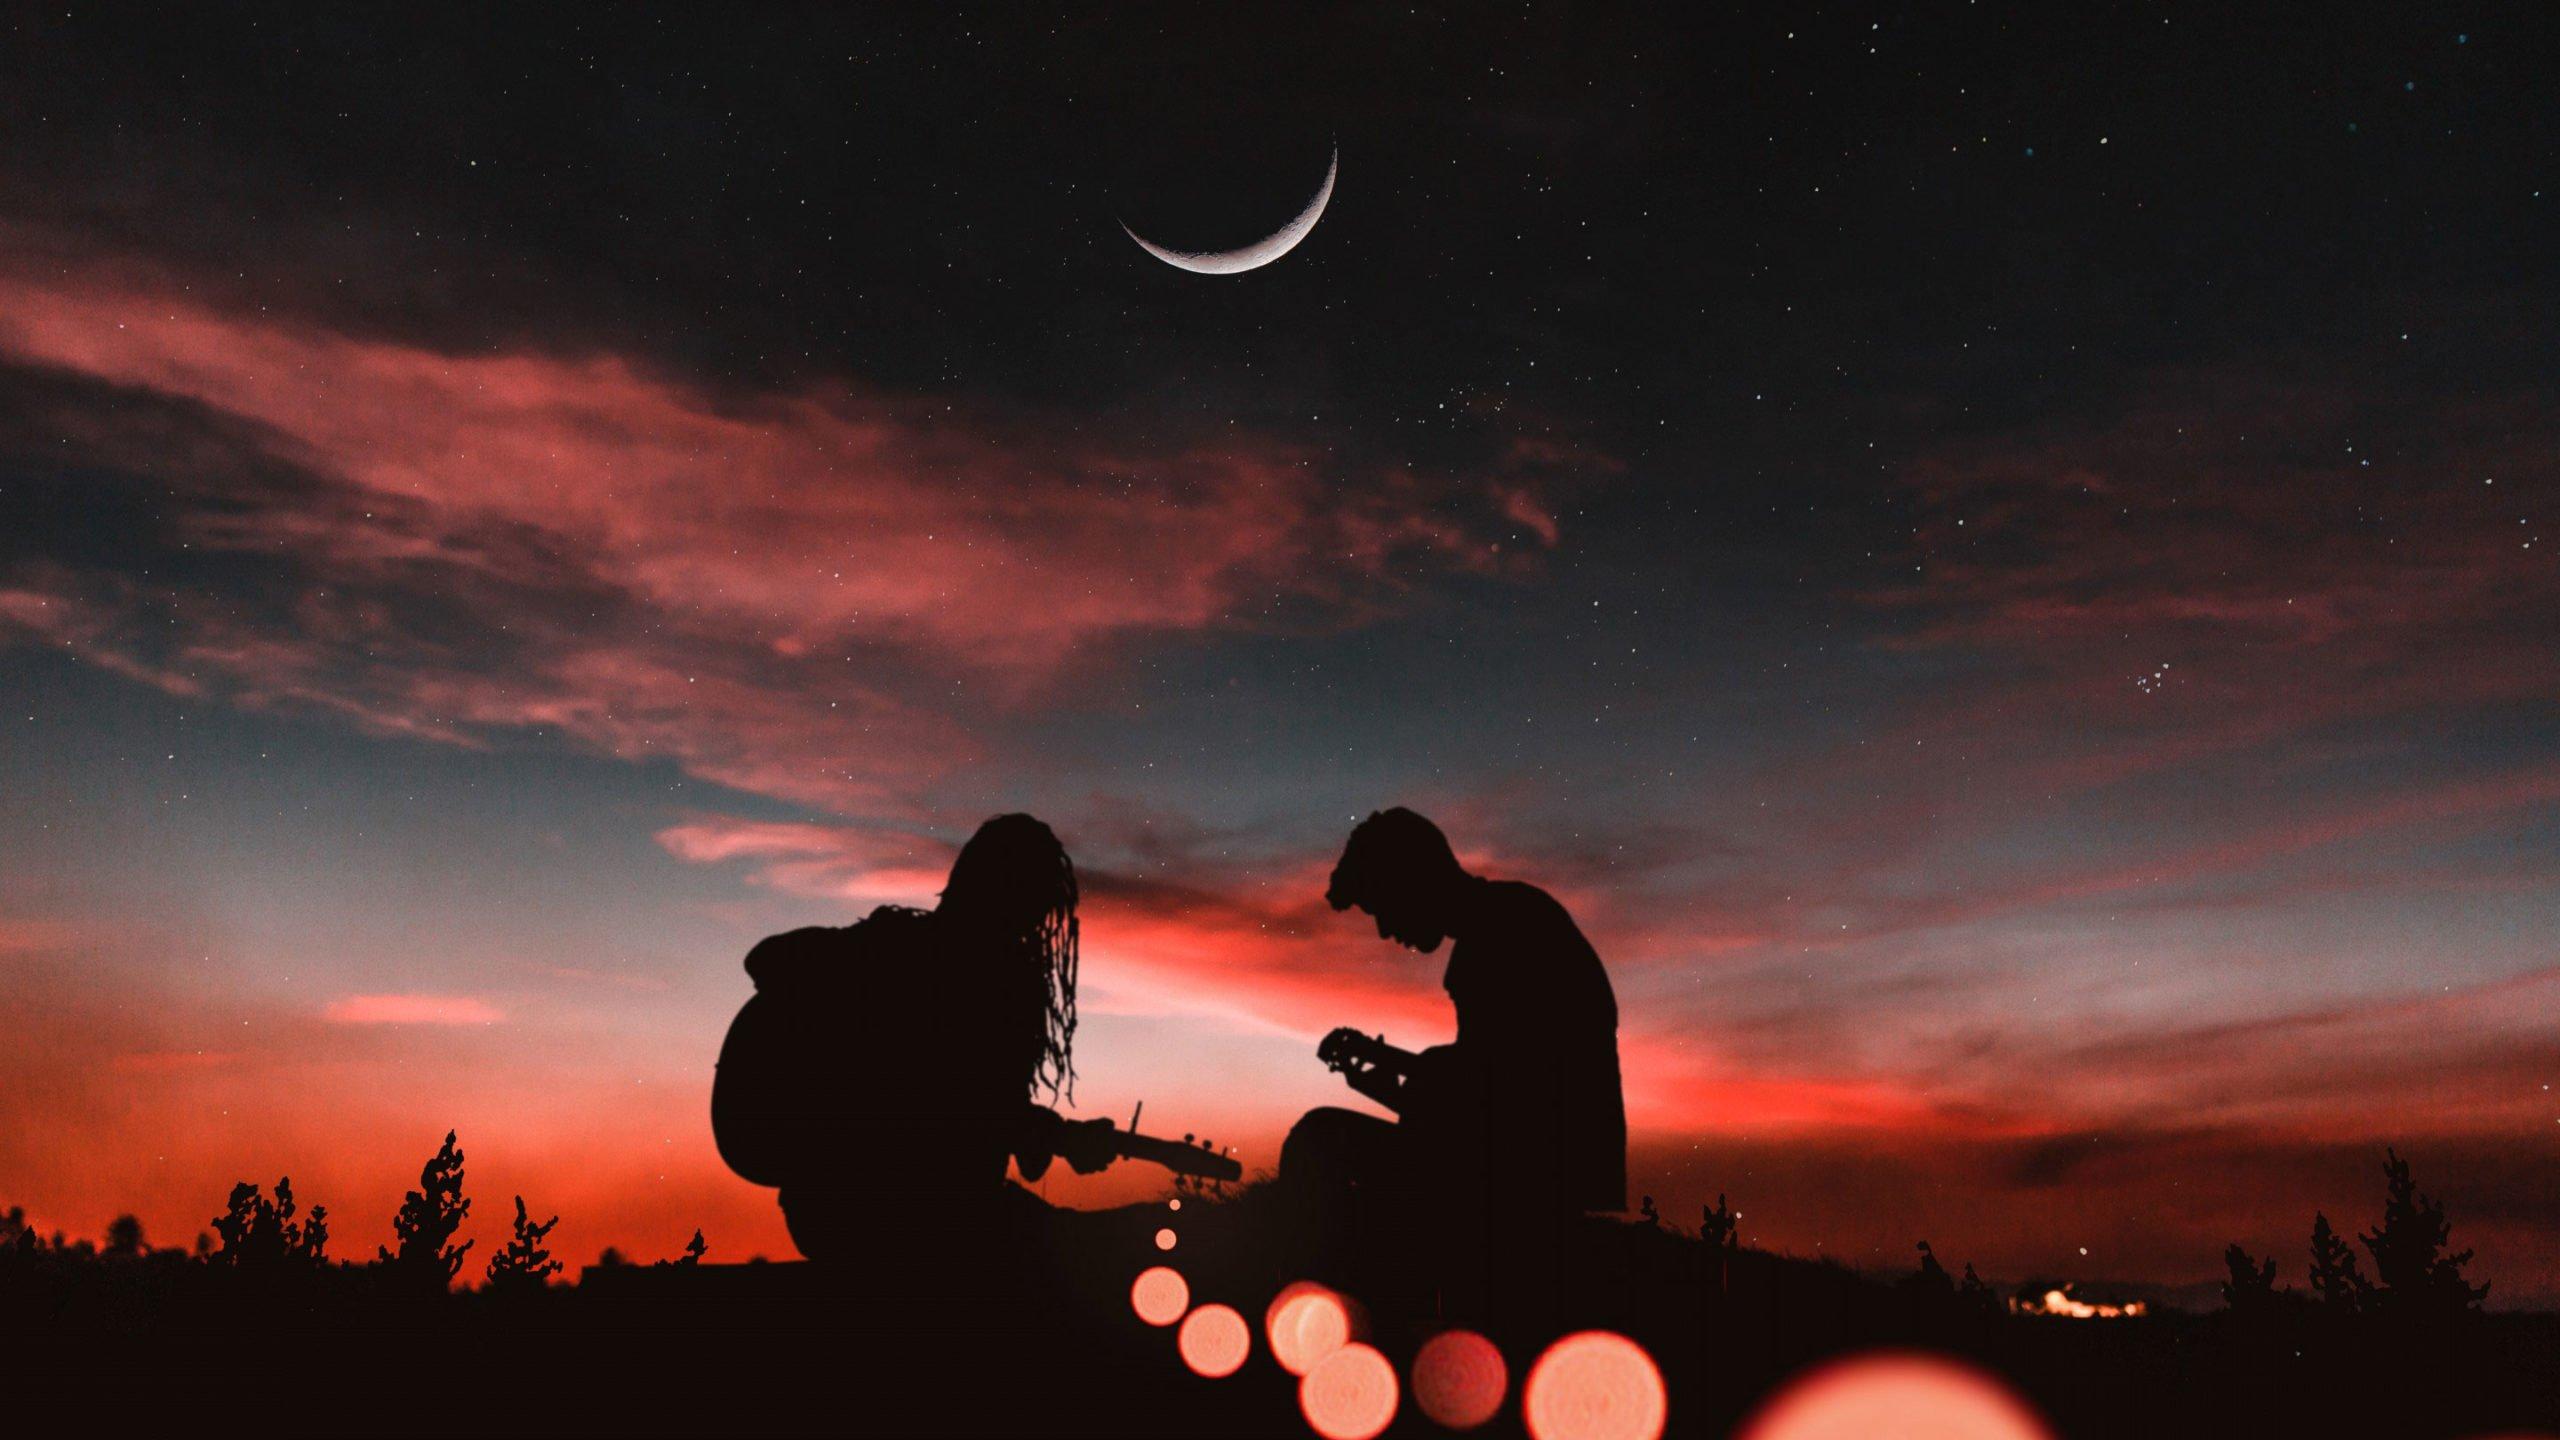 Картинки надписями, картинки любви и страсти под звездным небом